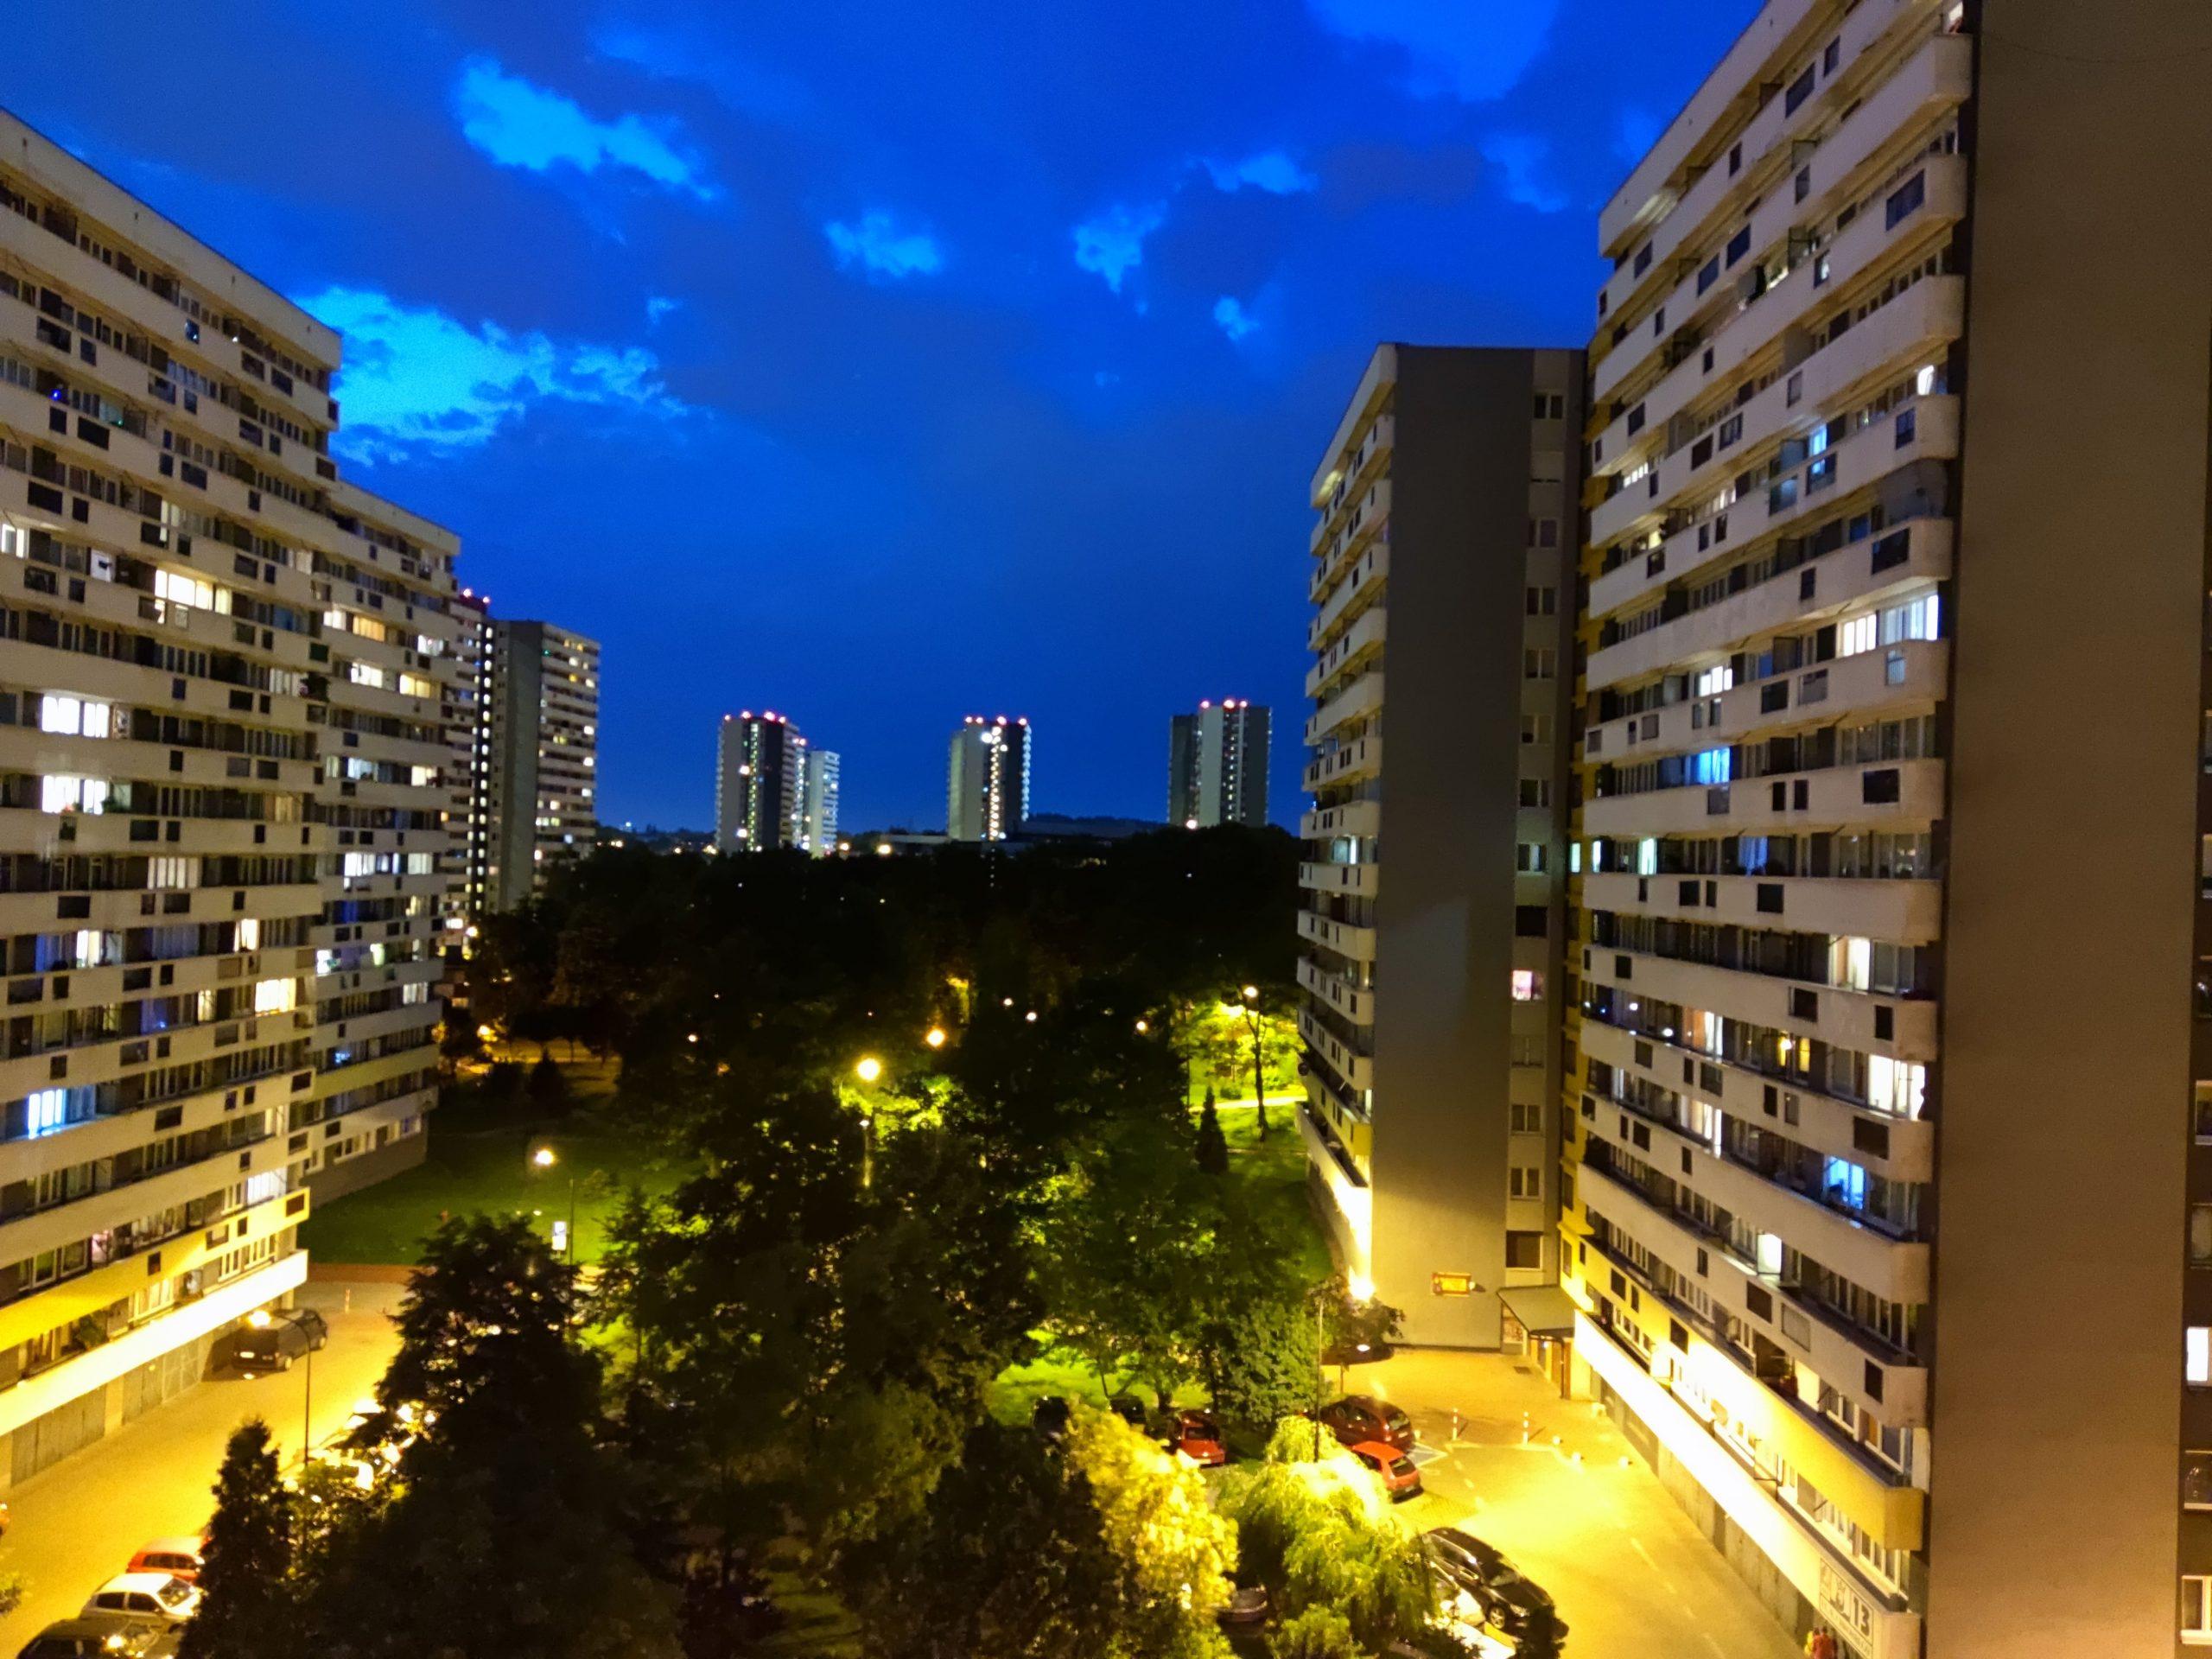 Zdjęcia nocne - Xiaomi Mi 10 Pro